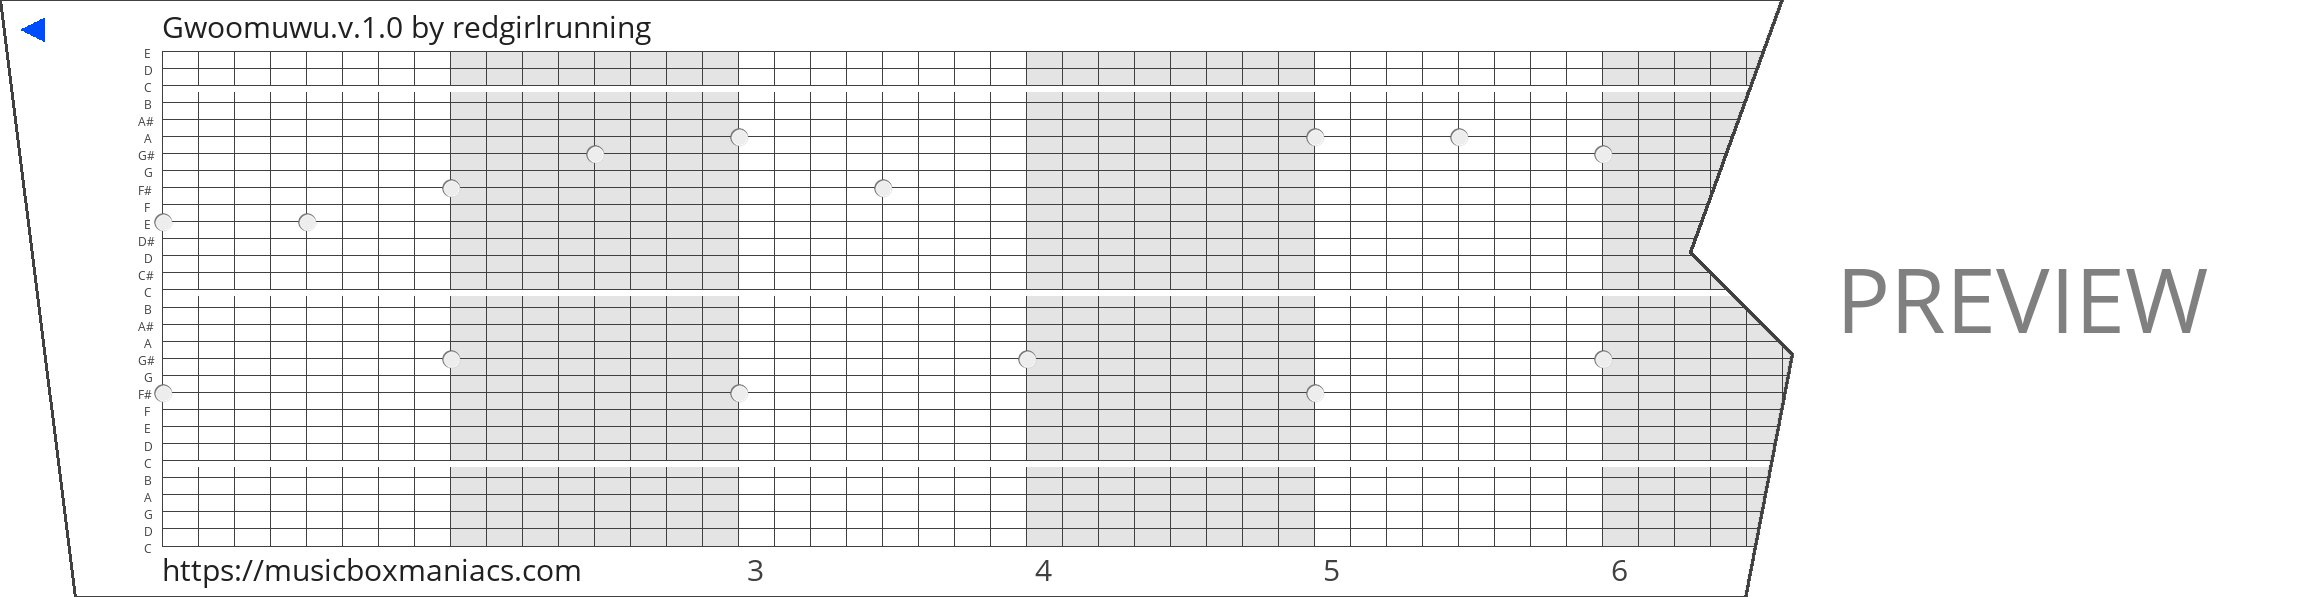 Gwoomuwu.v.1.0 30 note music box paper strip